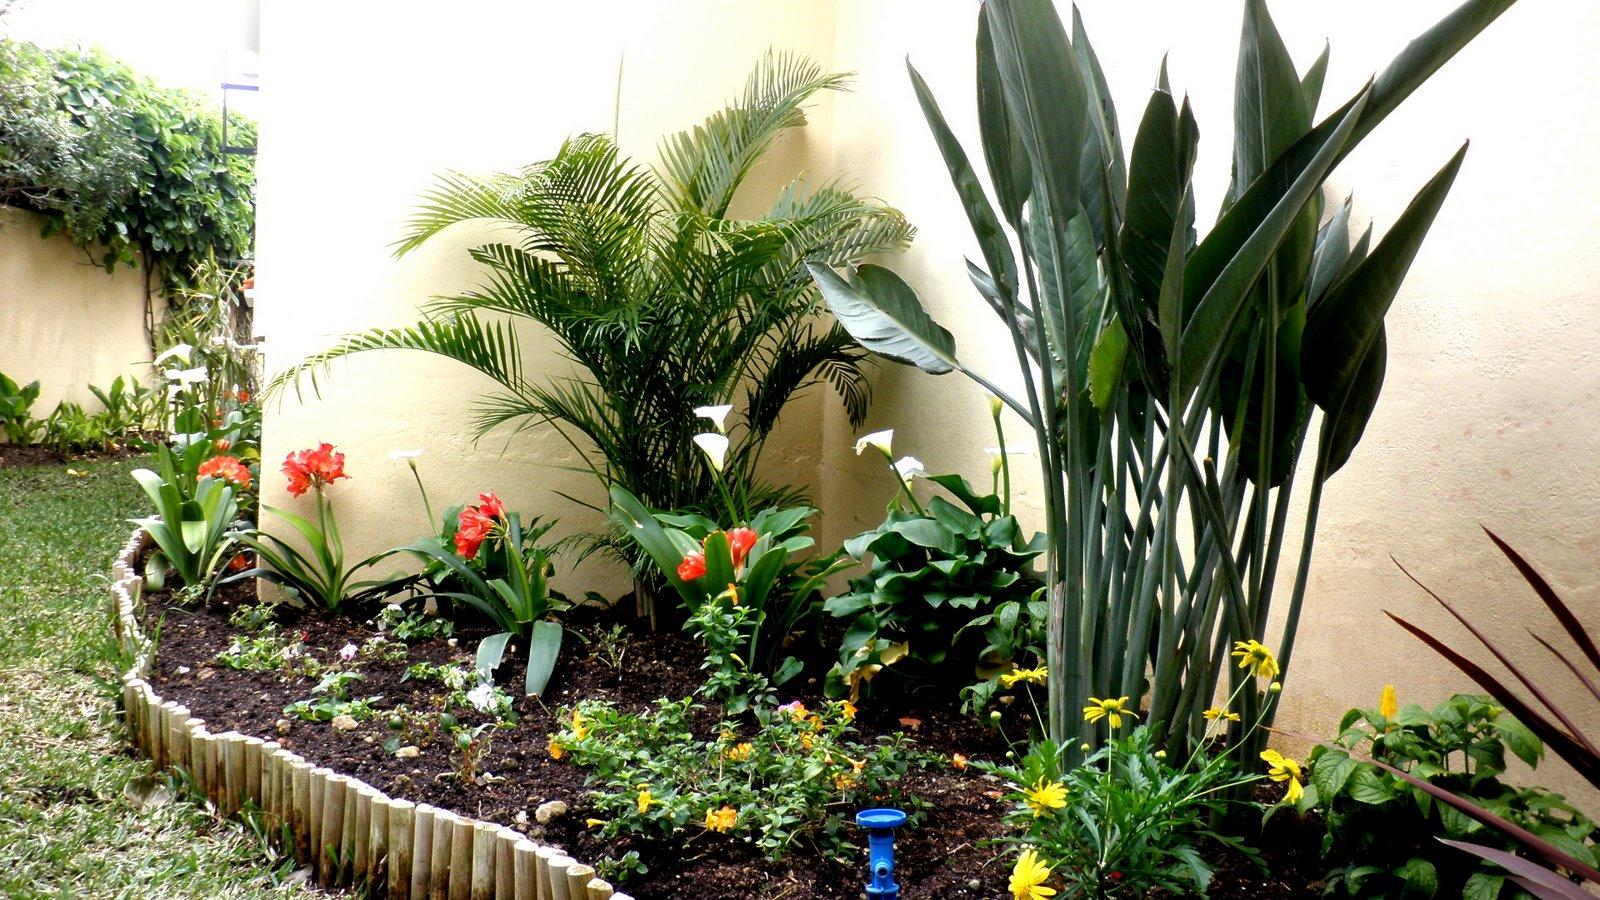 Jardinbio jardin peque o decoracion terminada iii for Ideas de decoracion para jardines pequenos